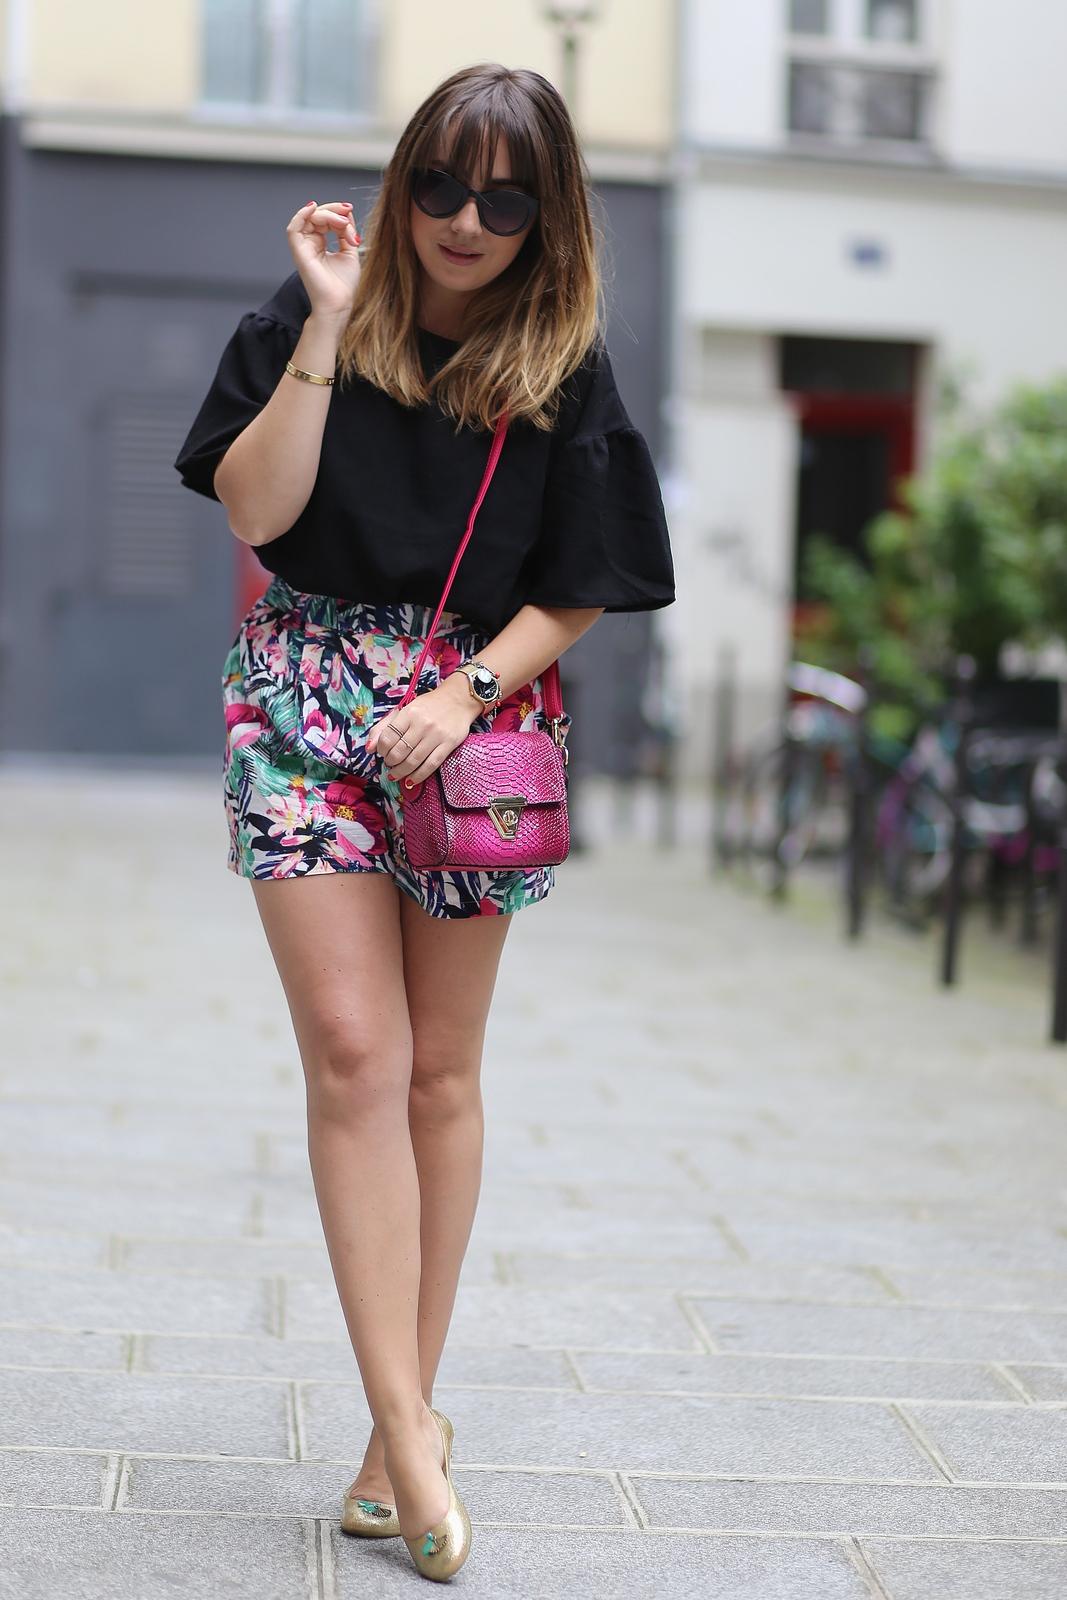 du style madame - blog mode paris femme - la modeuse - chaussures méduse - petits prix - short tropical